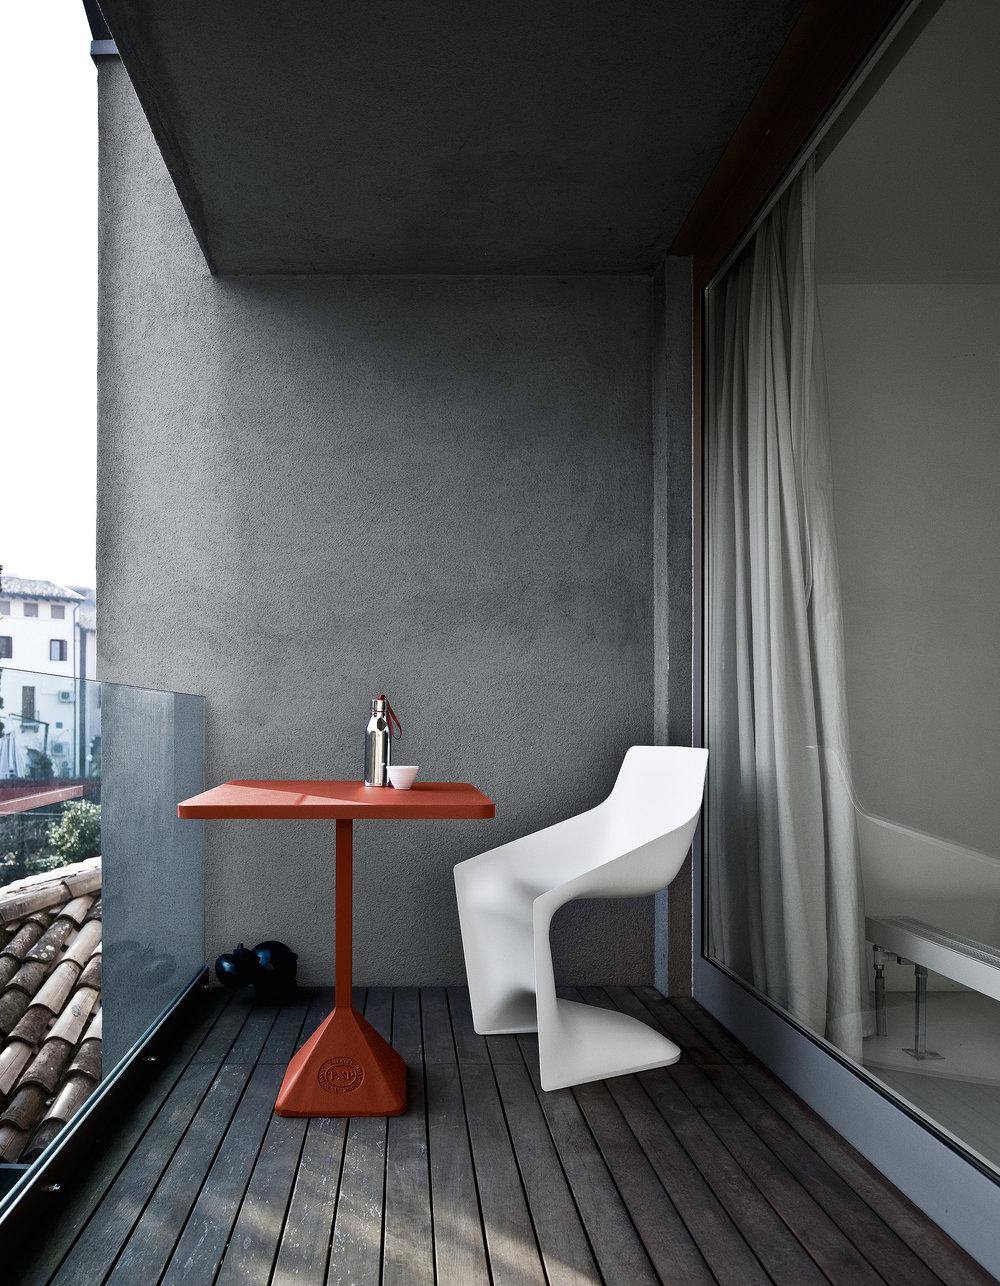 ▲TNP Table &Pulp chair